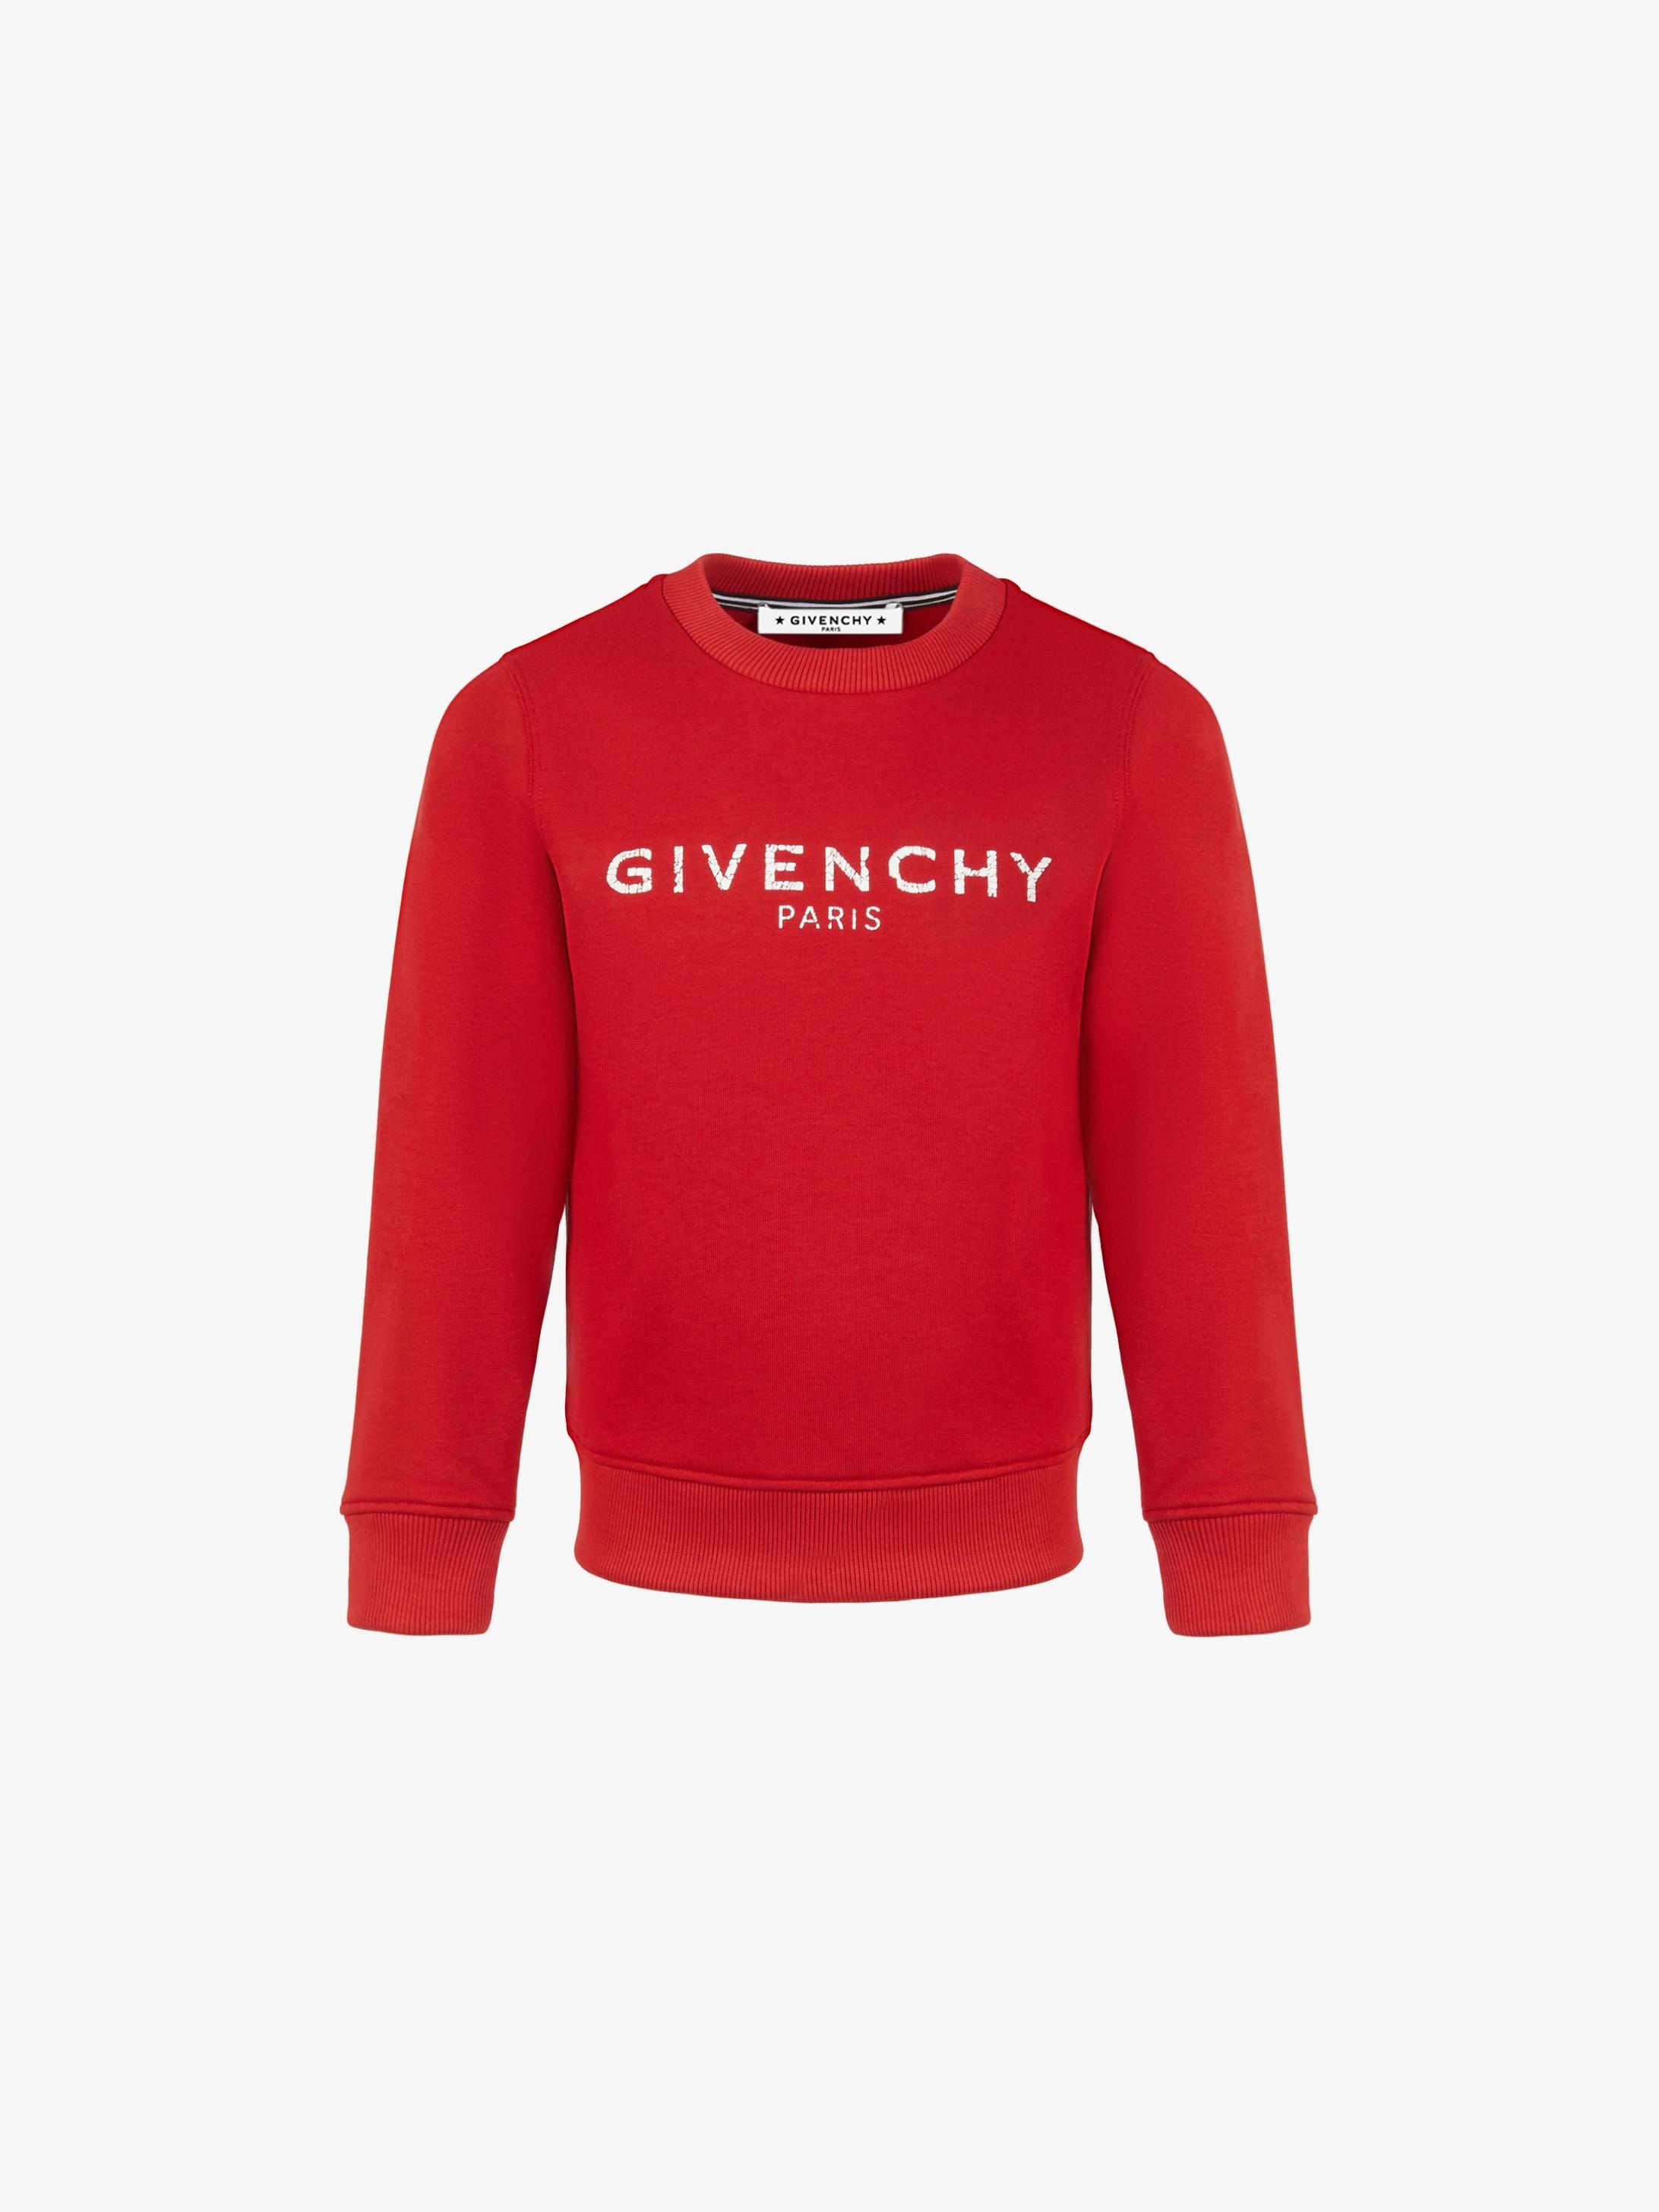 Sweatshirt en molleton GIVENCHY PARIS vintage